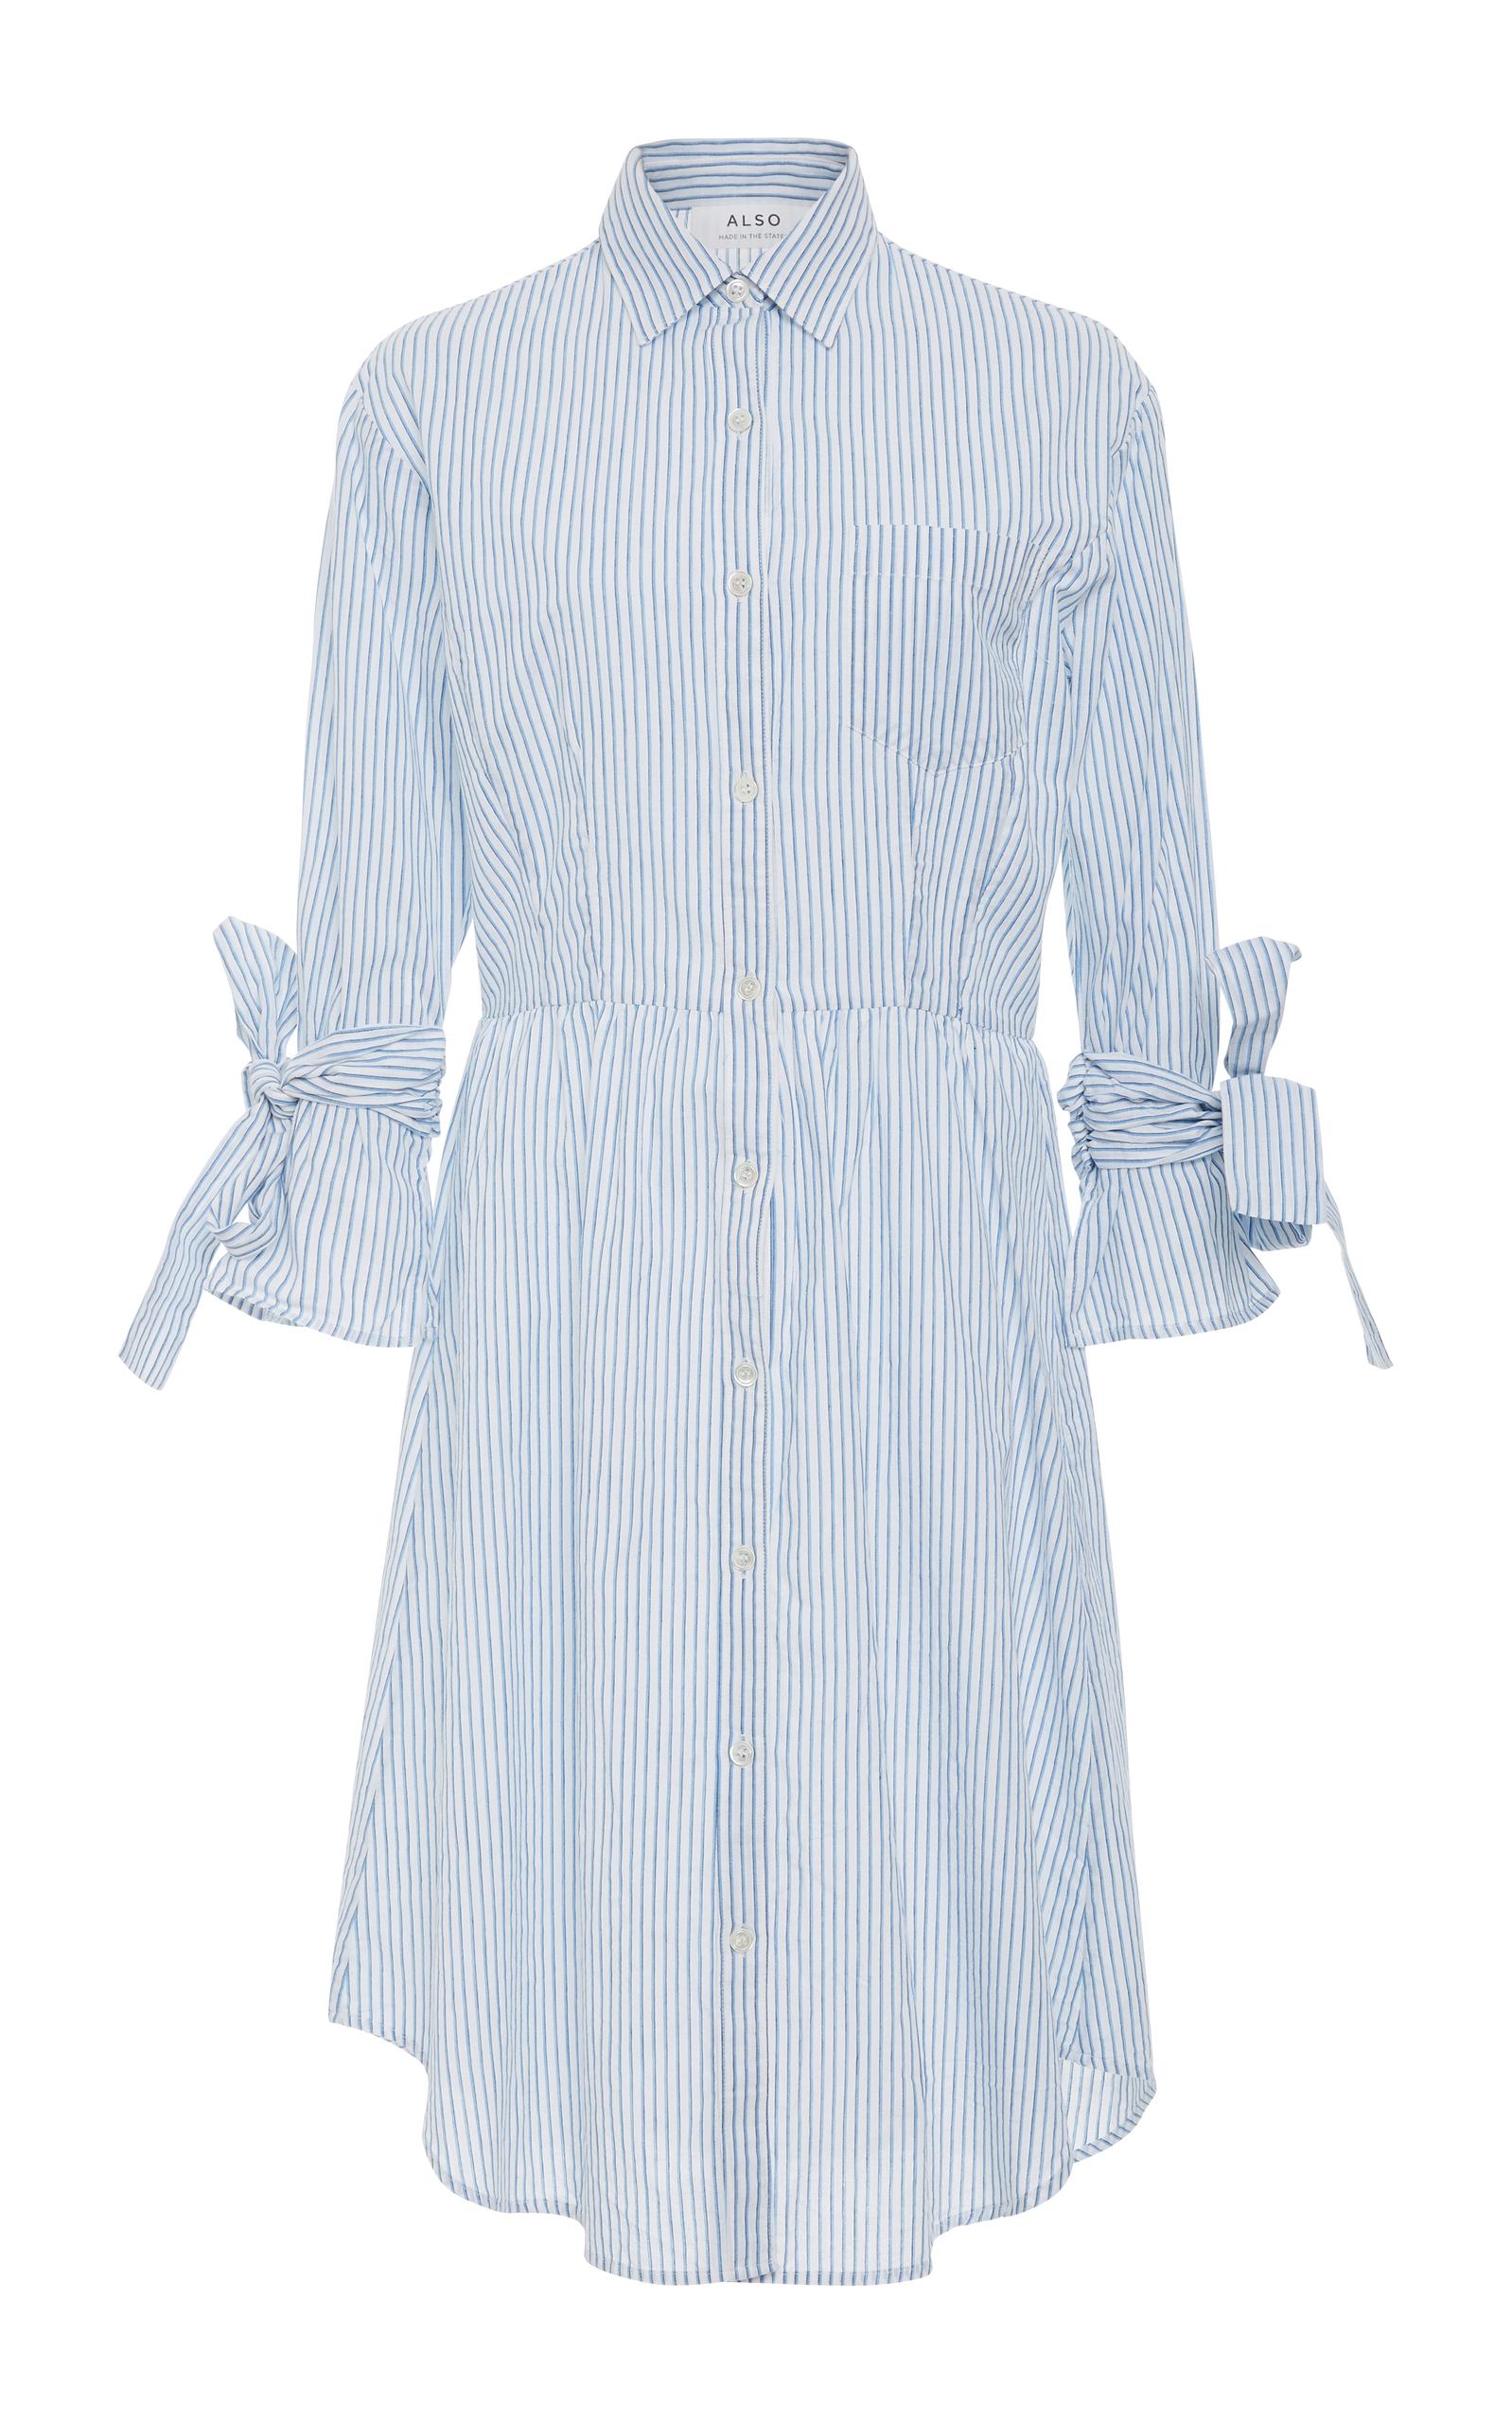 ALSO MICHELLE DRESS